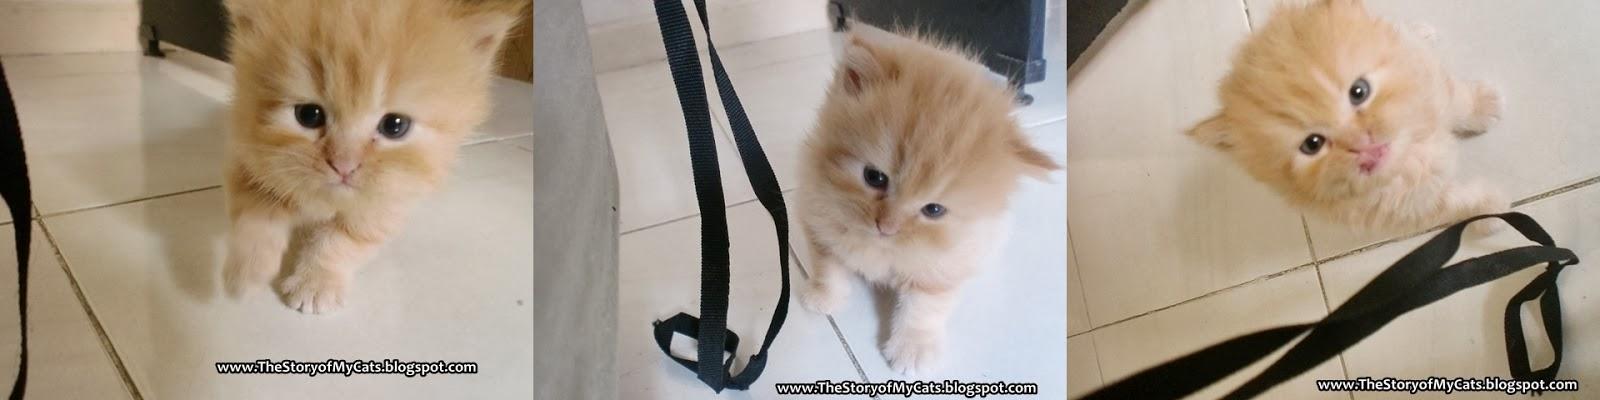 kucing umur 1 bulan